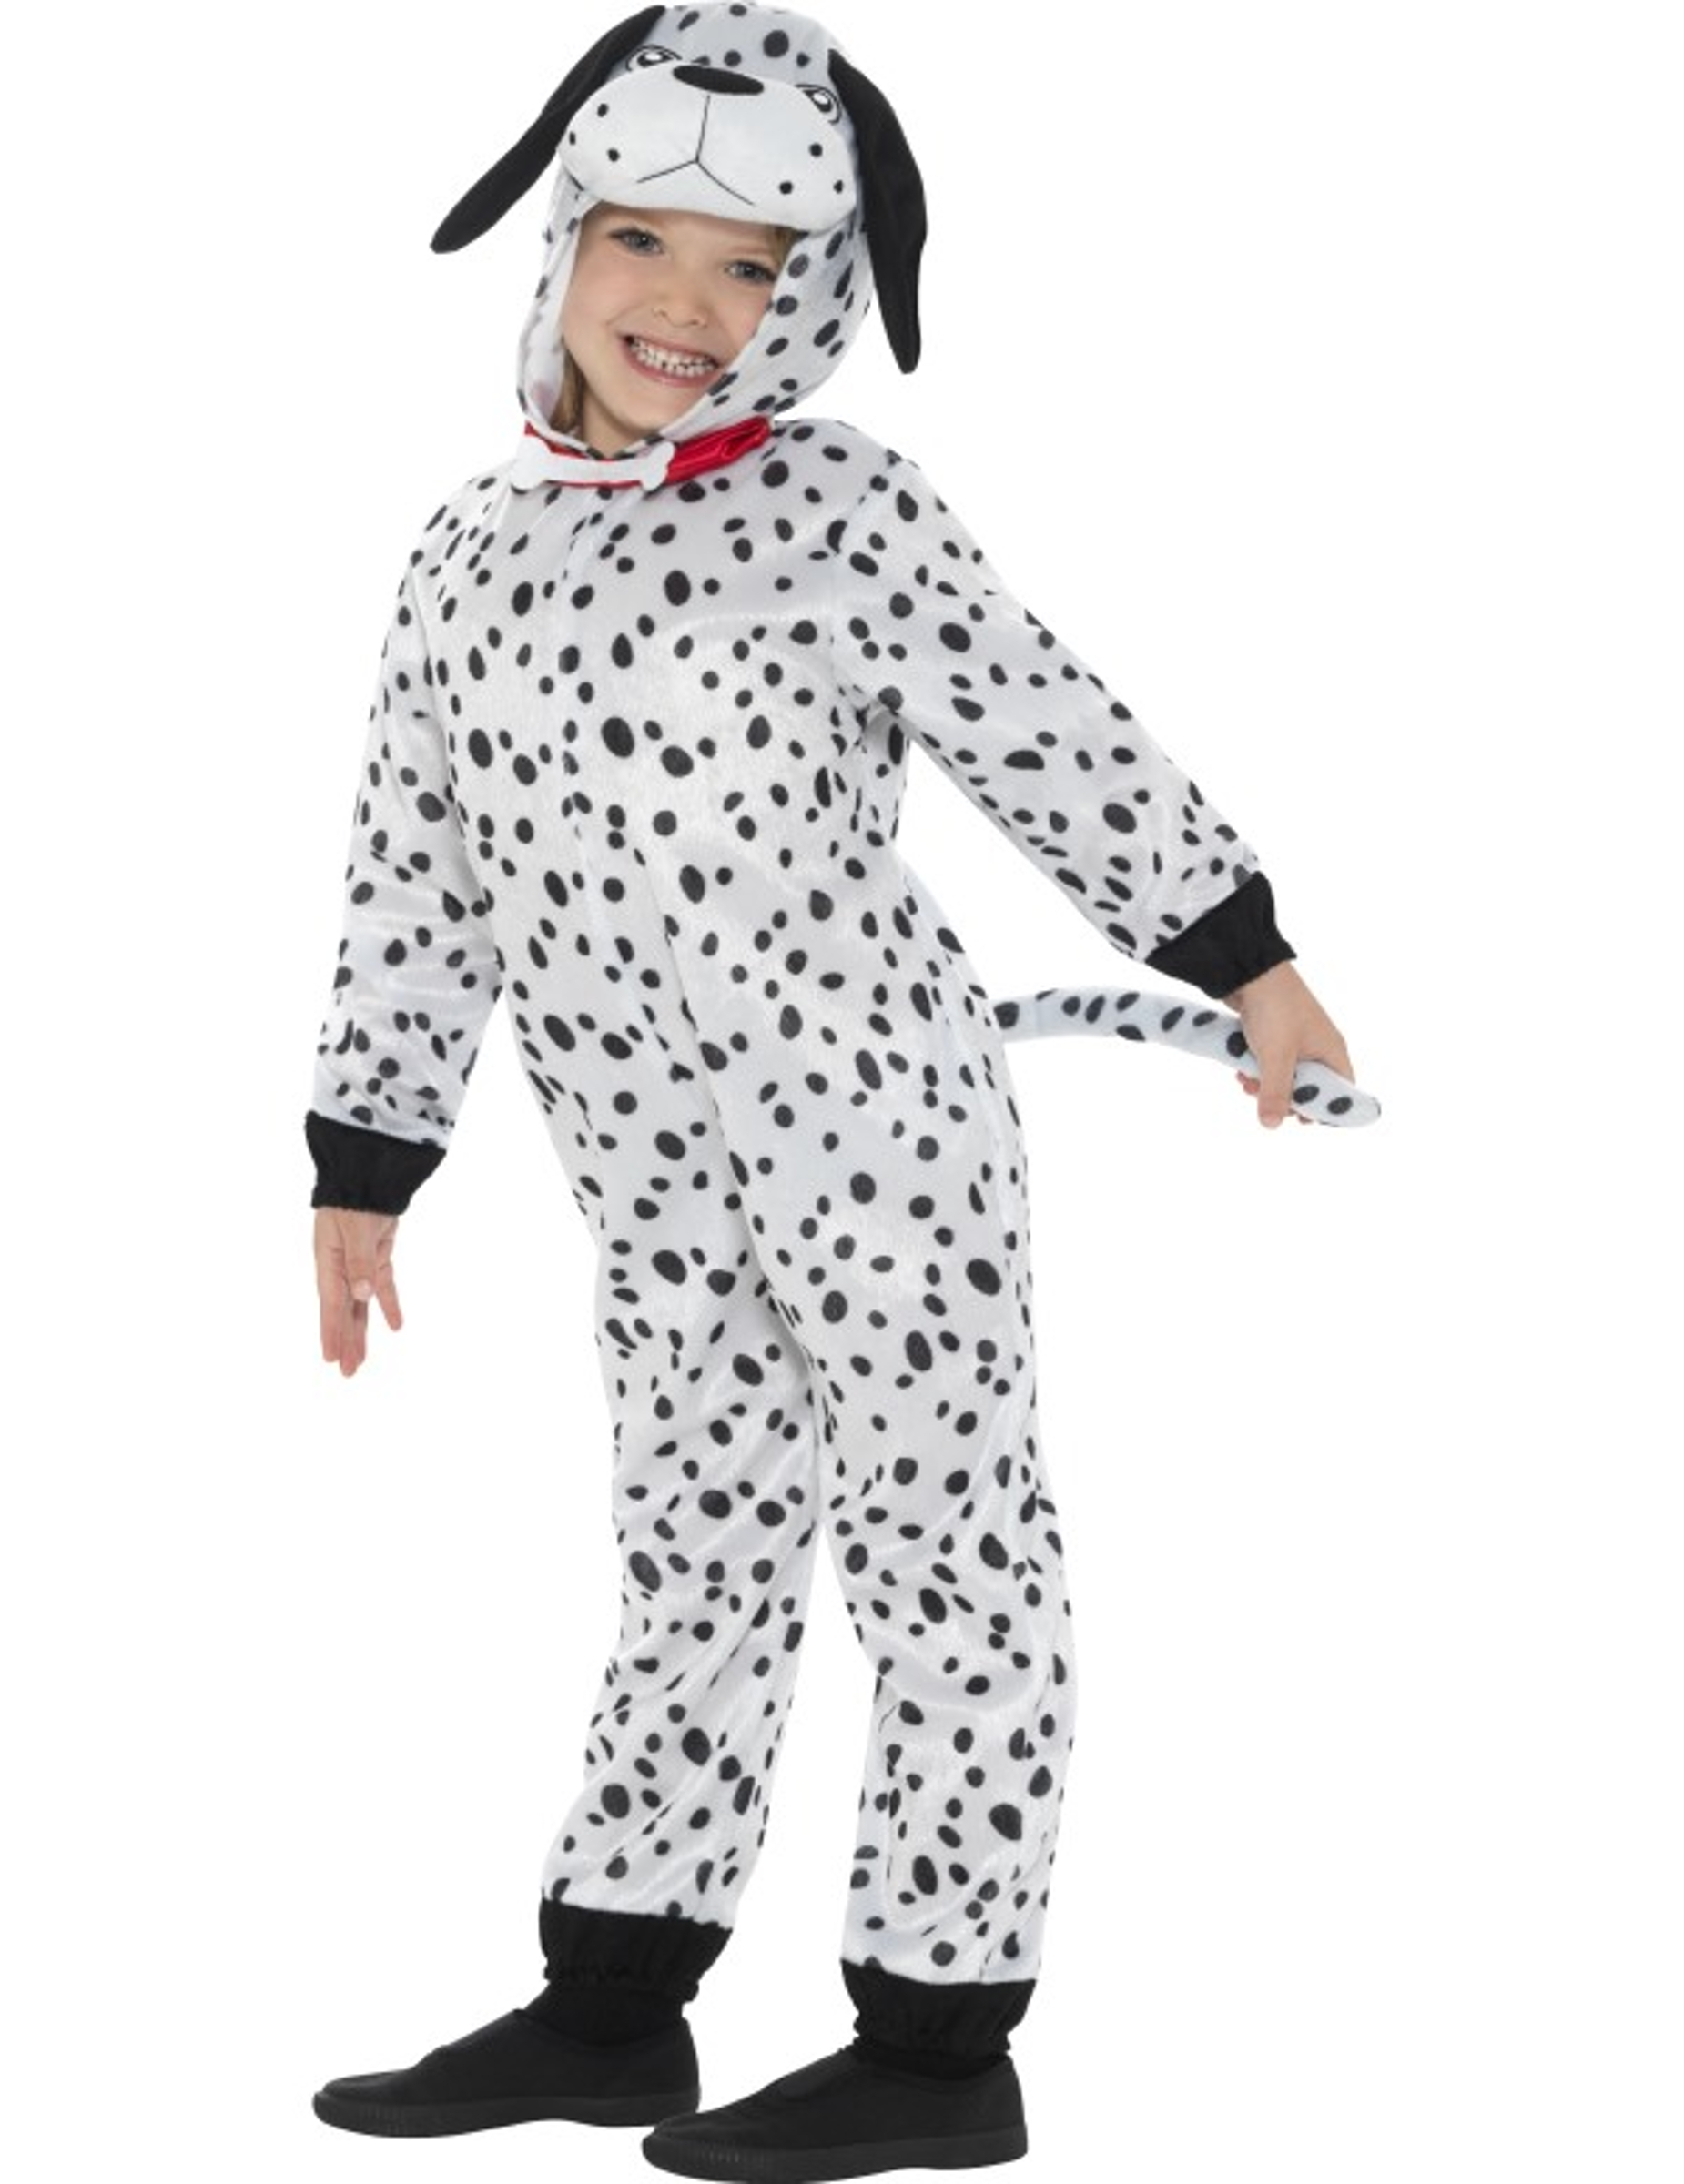 d guisement chien dalmatien enfant deguise toi achat de d guisements enfants. Black Bedroom Furniture Sets. Home Design Ideas